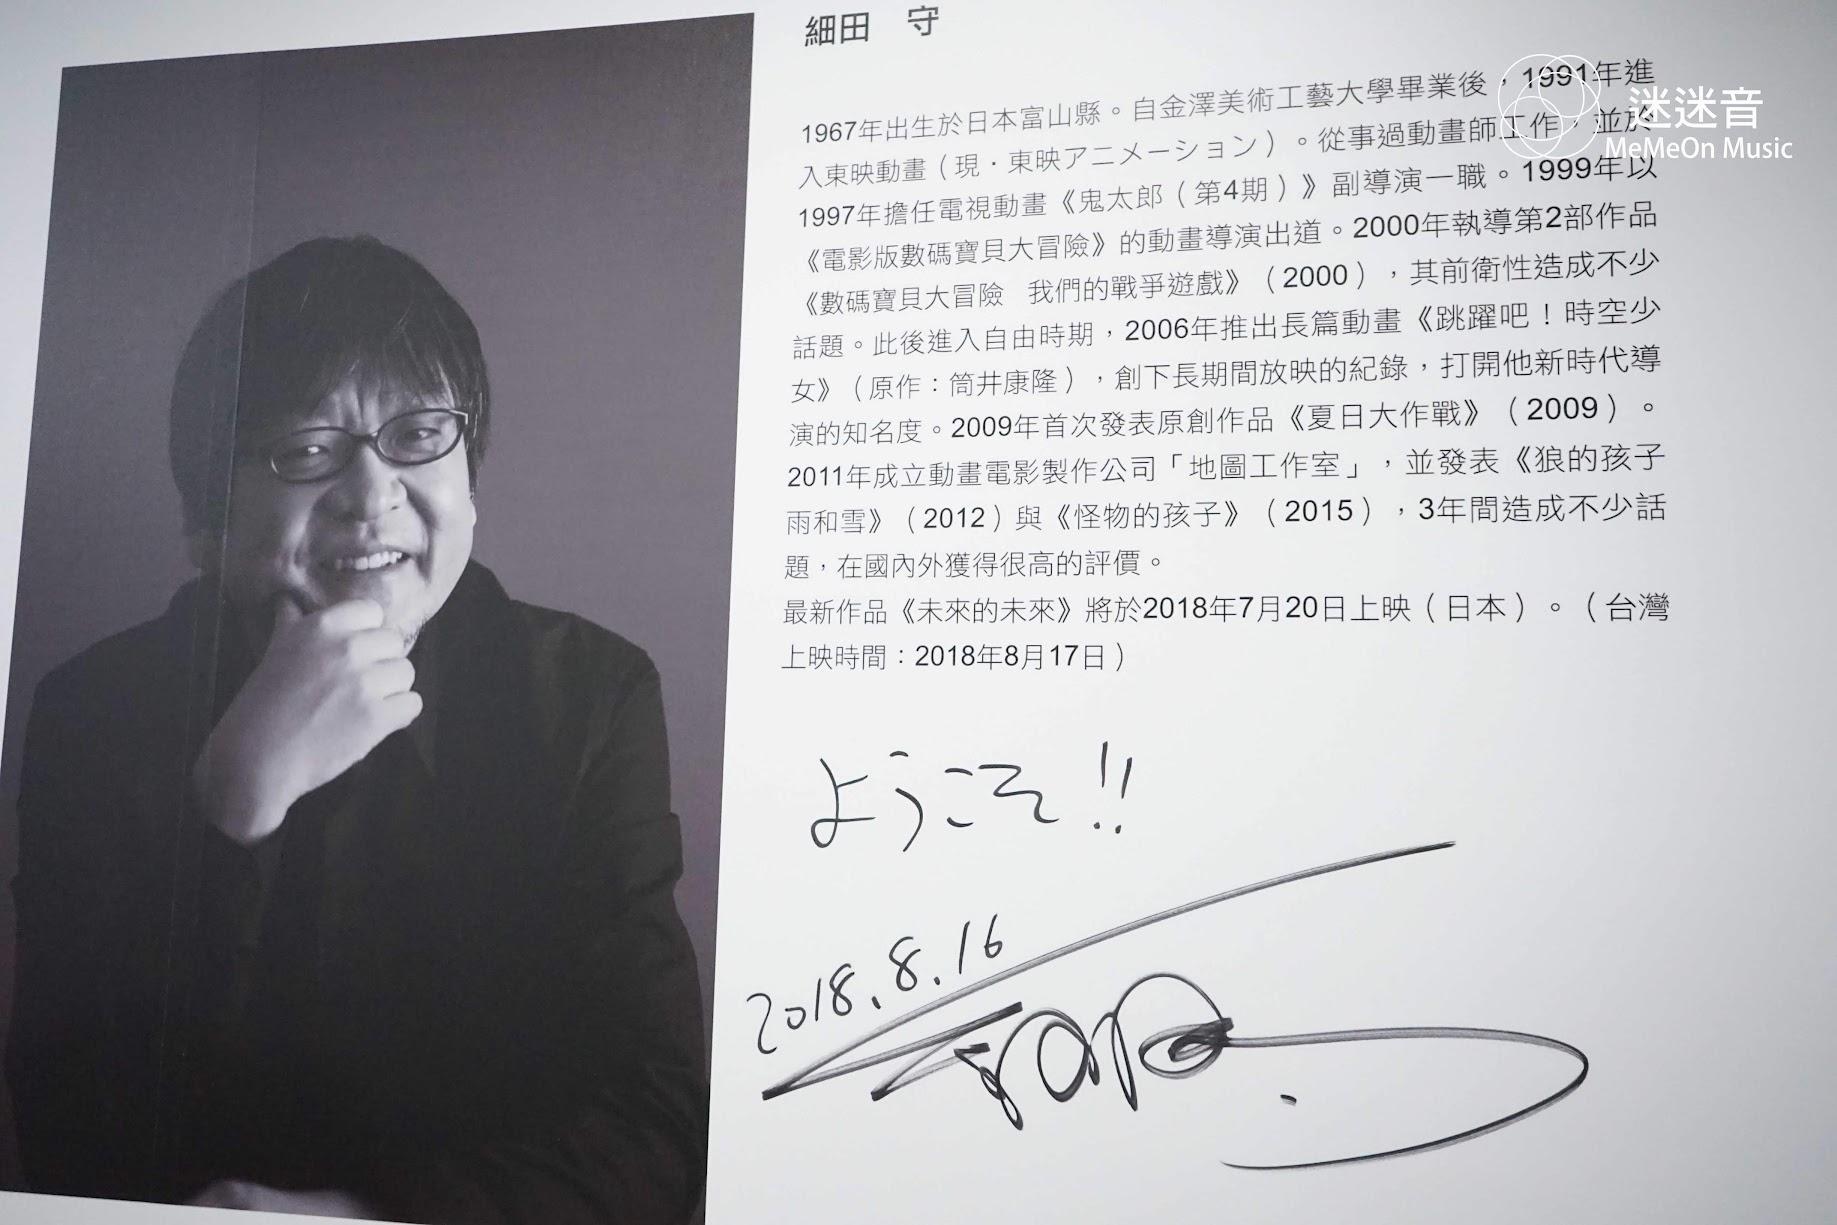 【迷迷現場】「 細田守 世界」靜態展 分鏡手稿、角色設定、美術